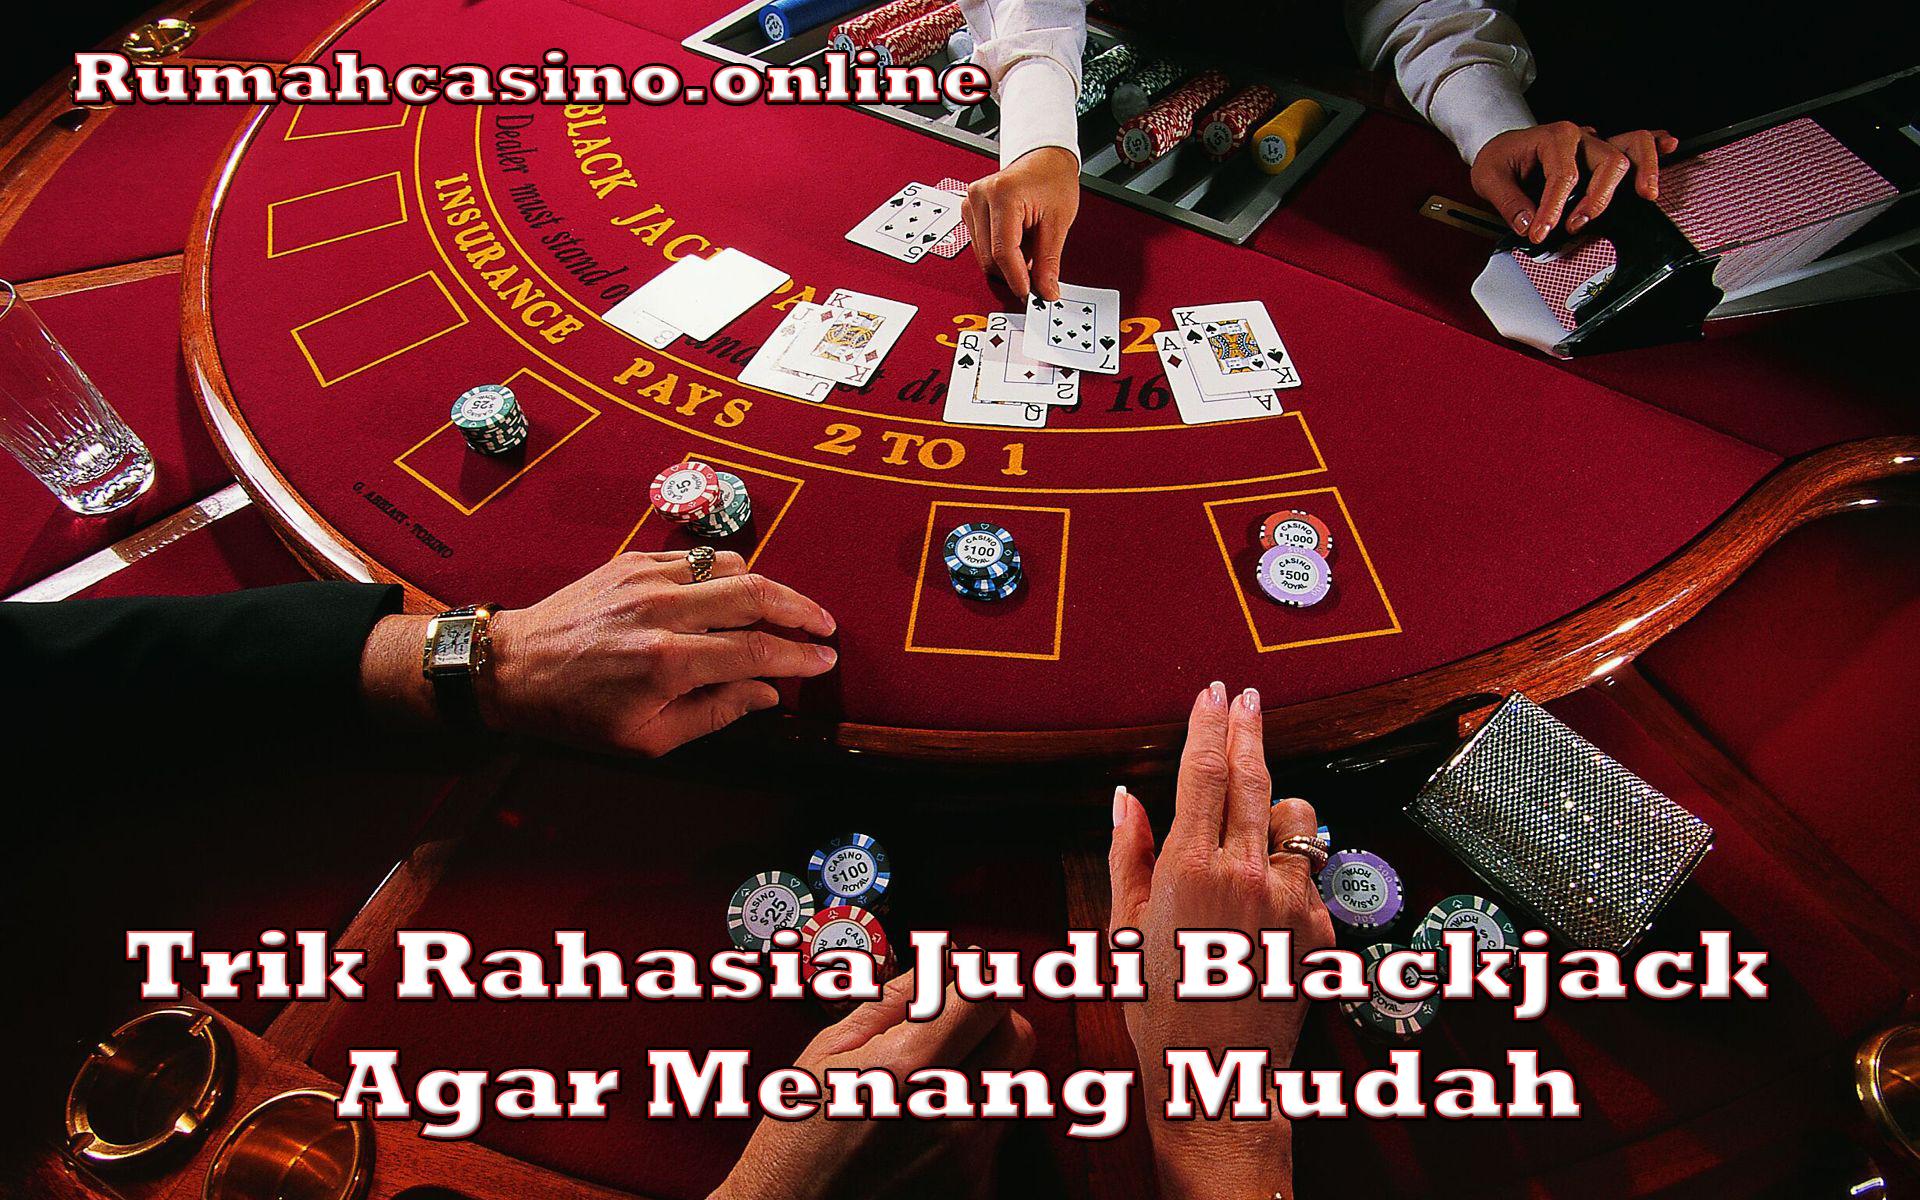 Trik Rahasia Judi Blackjack Agar Menang Mudah